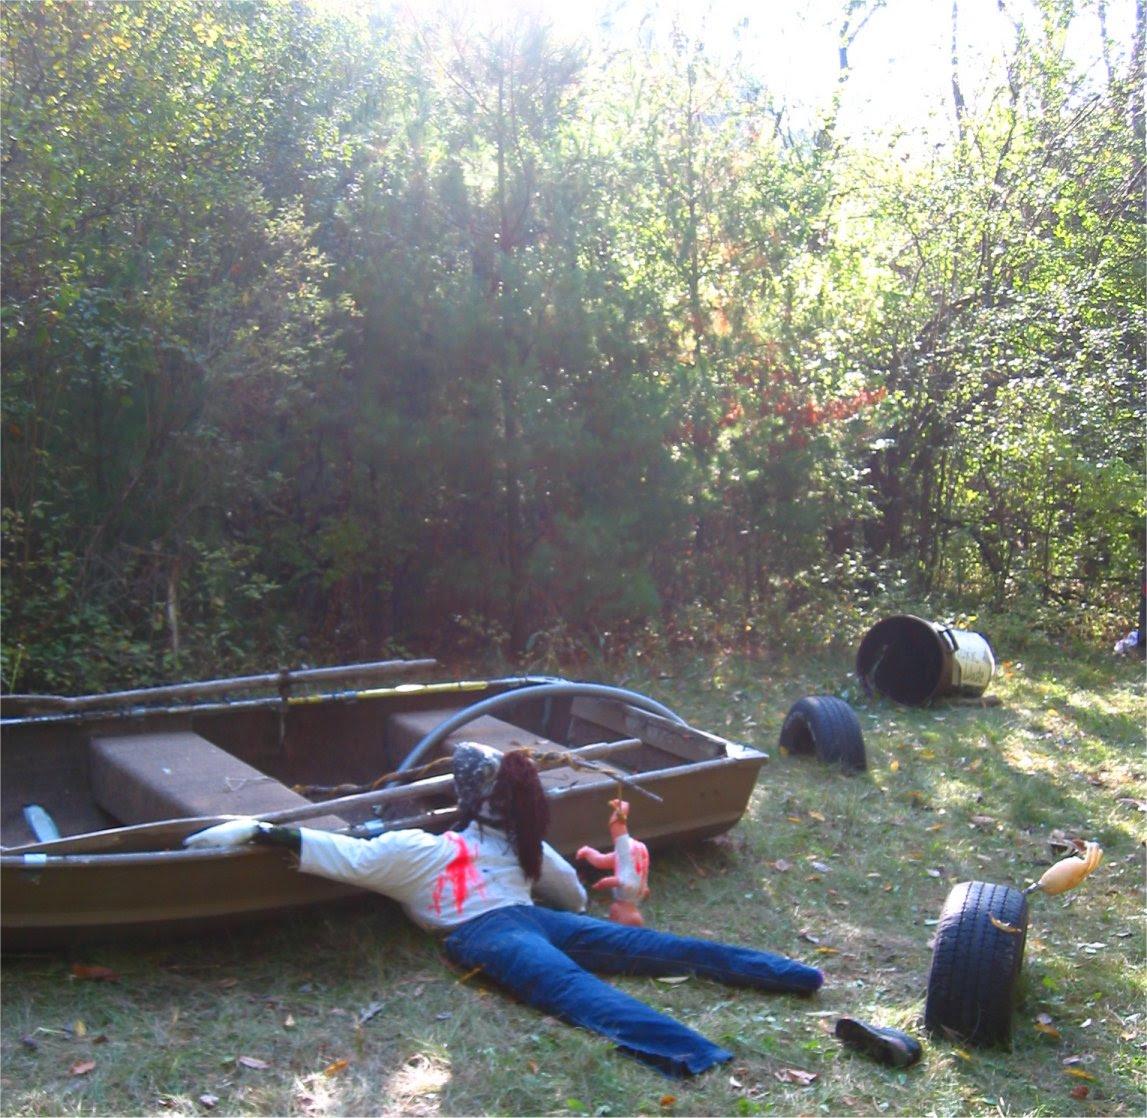 Lapham Peak Fright Hike 2005 - boating accident - soul-amp.com